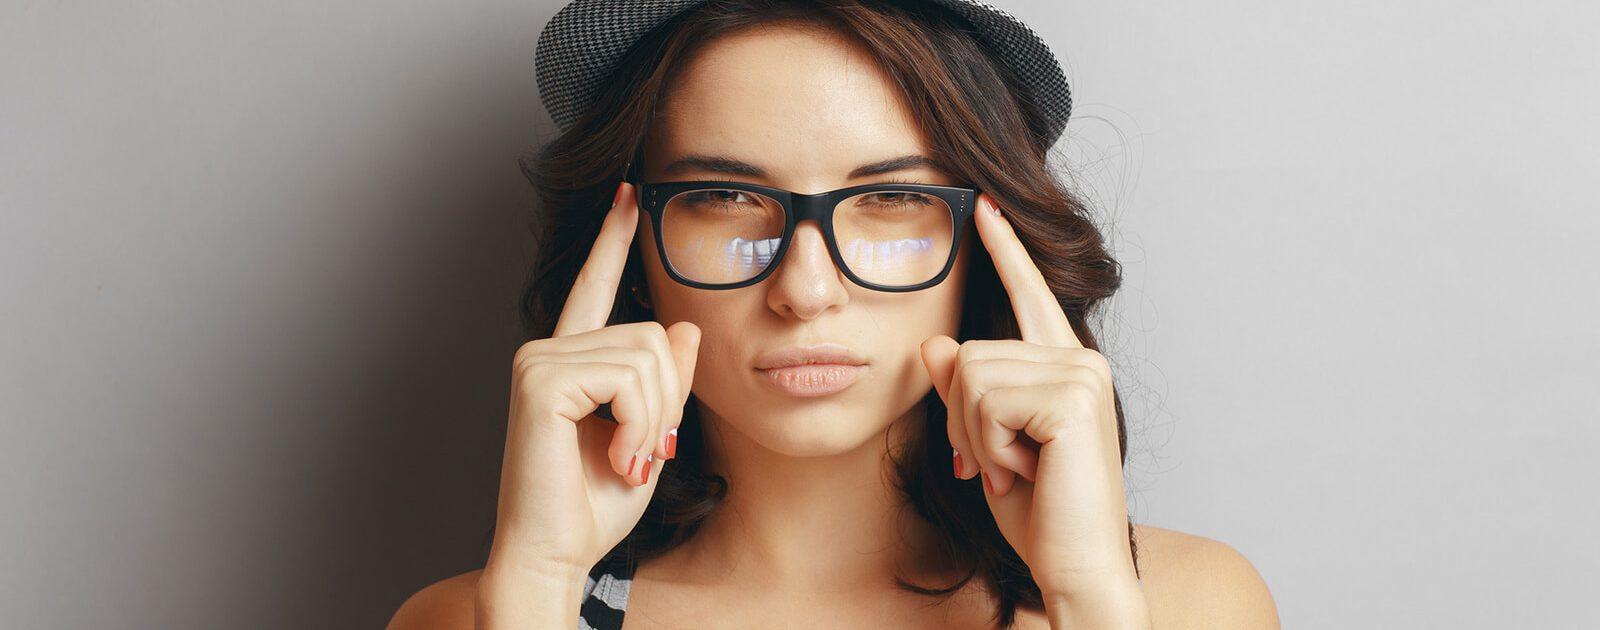 Augenlasern macht Brillen unnötig.